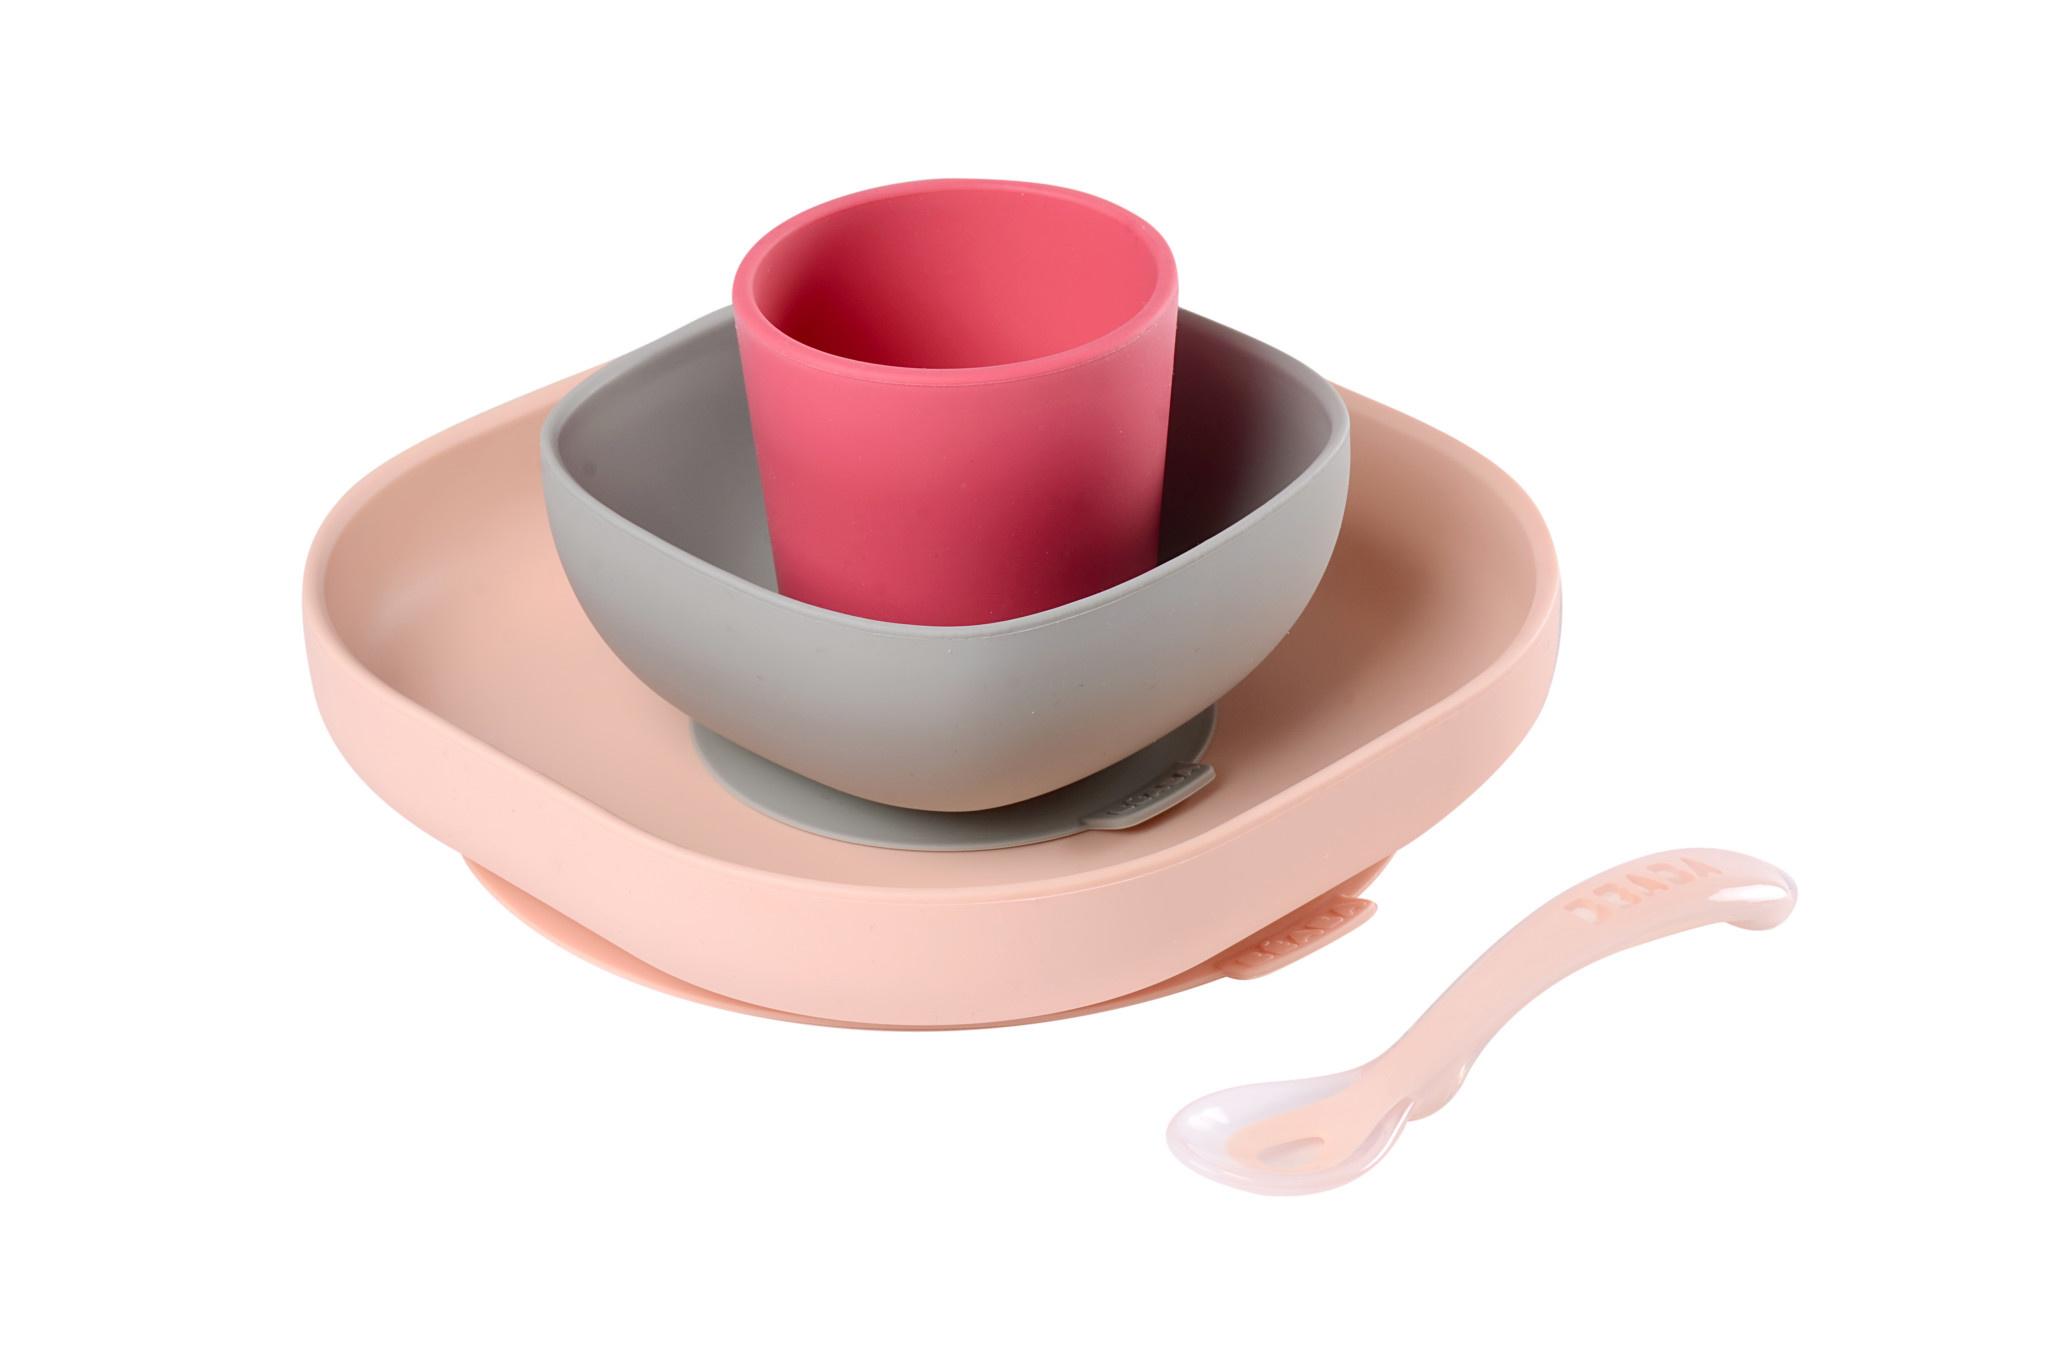 Siliconen eetset pink-1